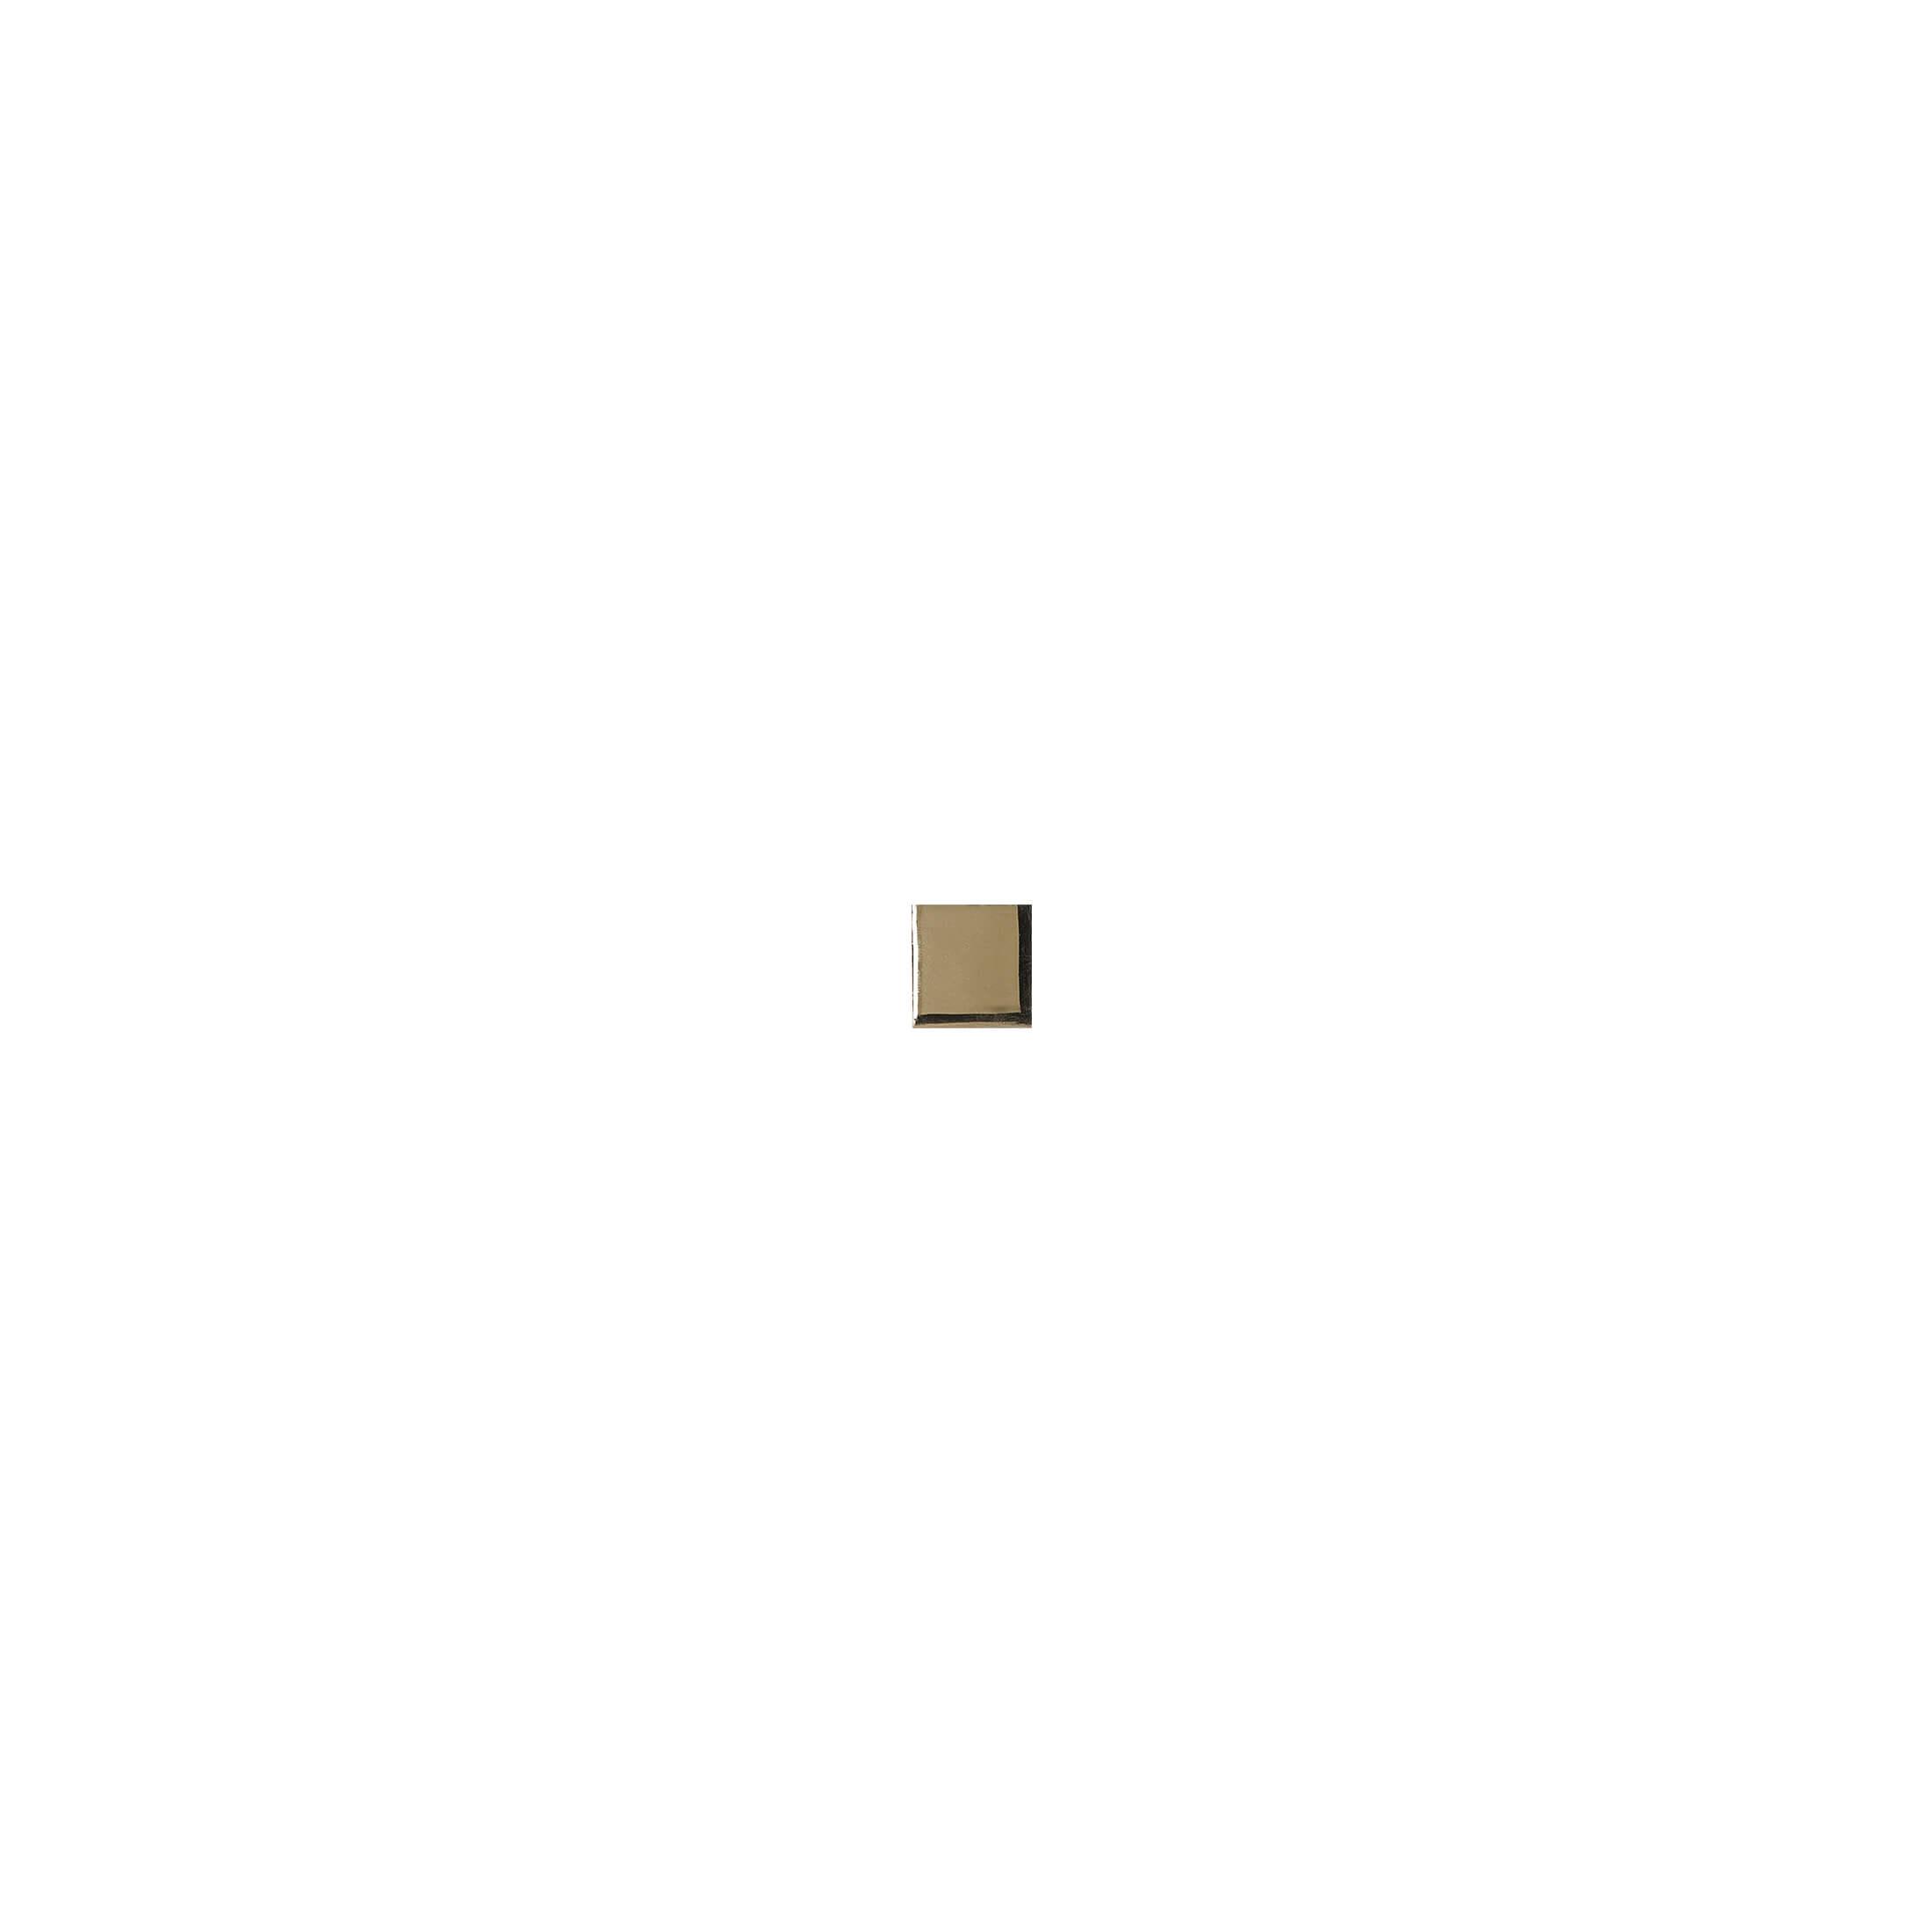 ADNE8062 - TACO ORO - 2 cm X 2 cm